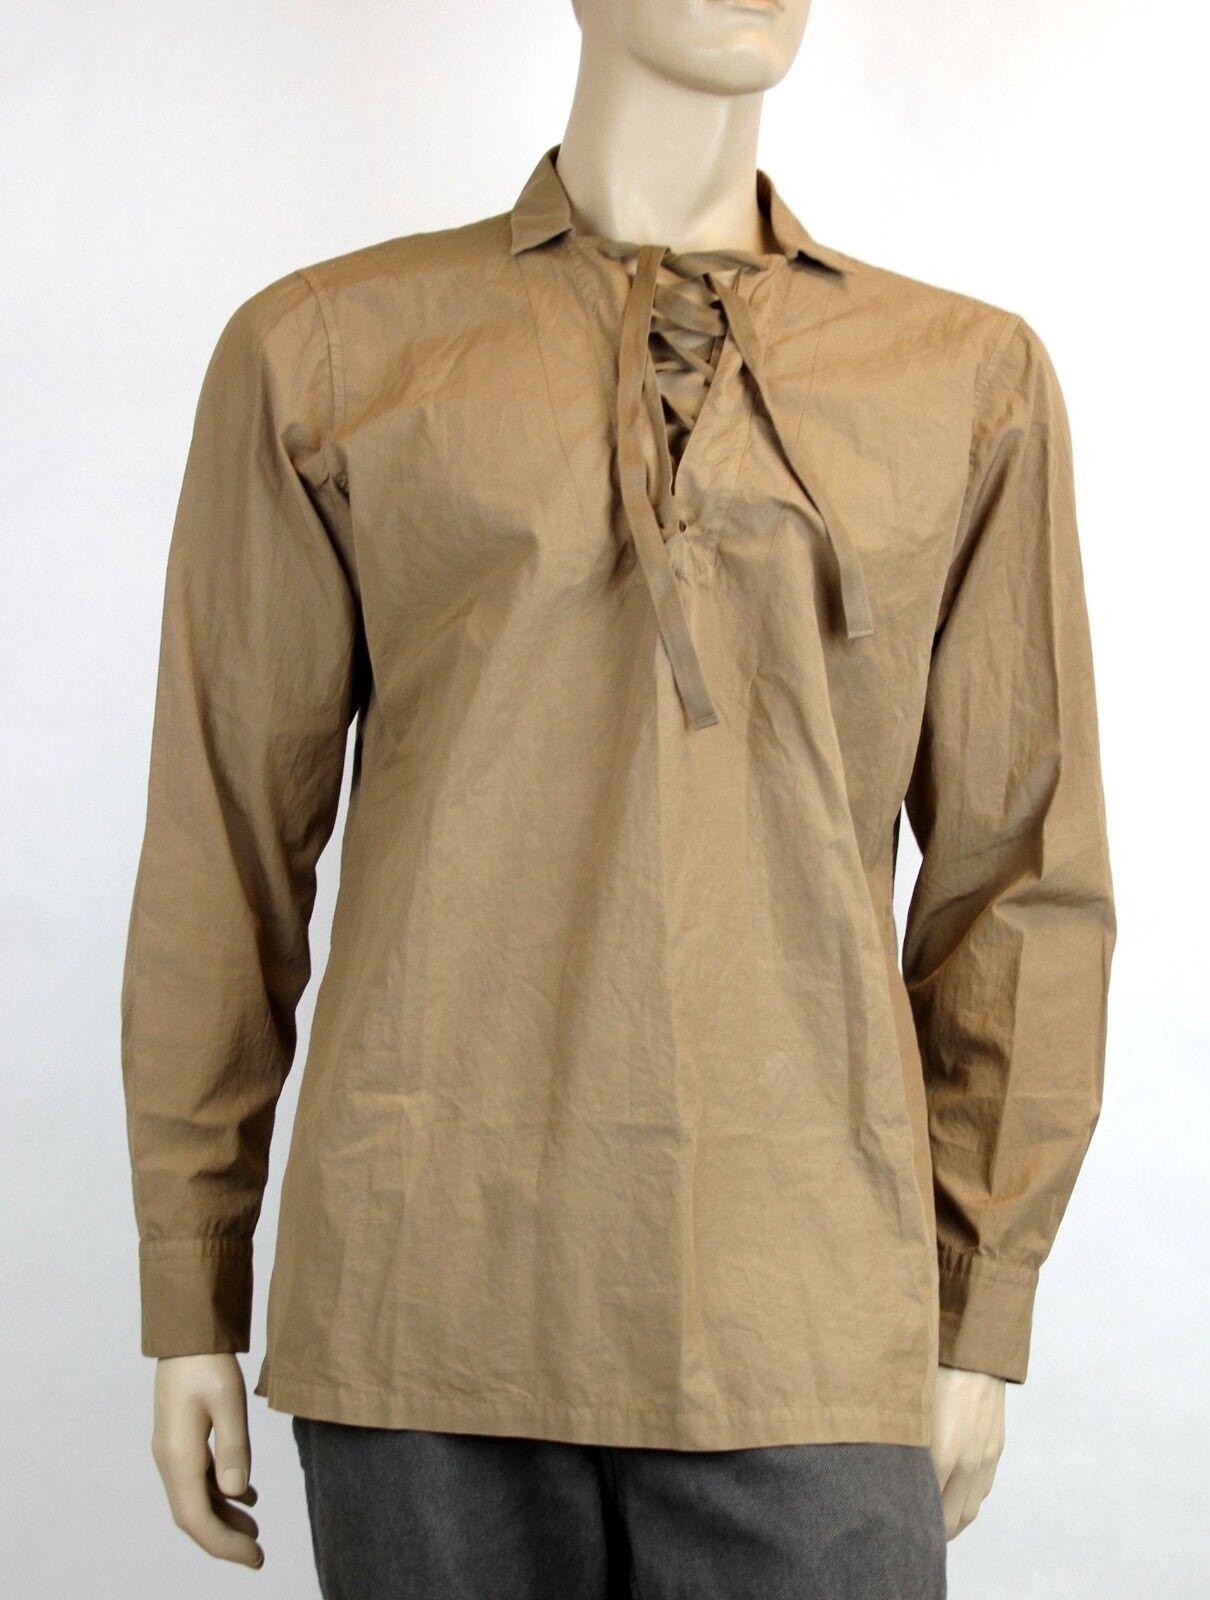 820 New Authentic Bottega Veneta  Herren Lace-up Shirt Top IT 50/US 40, 310971